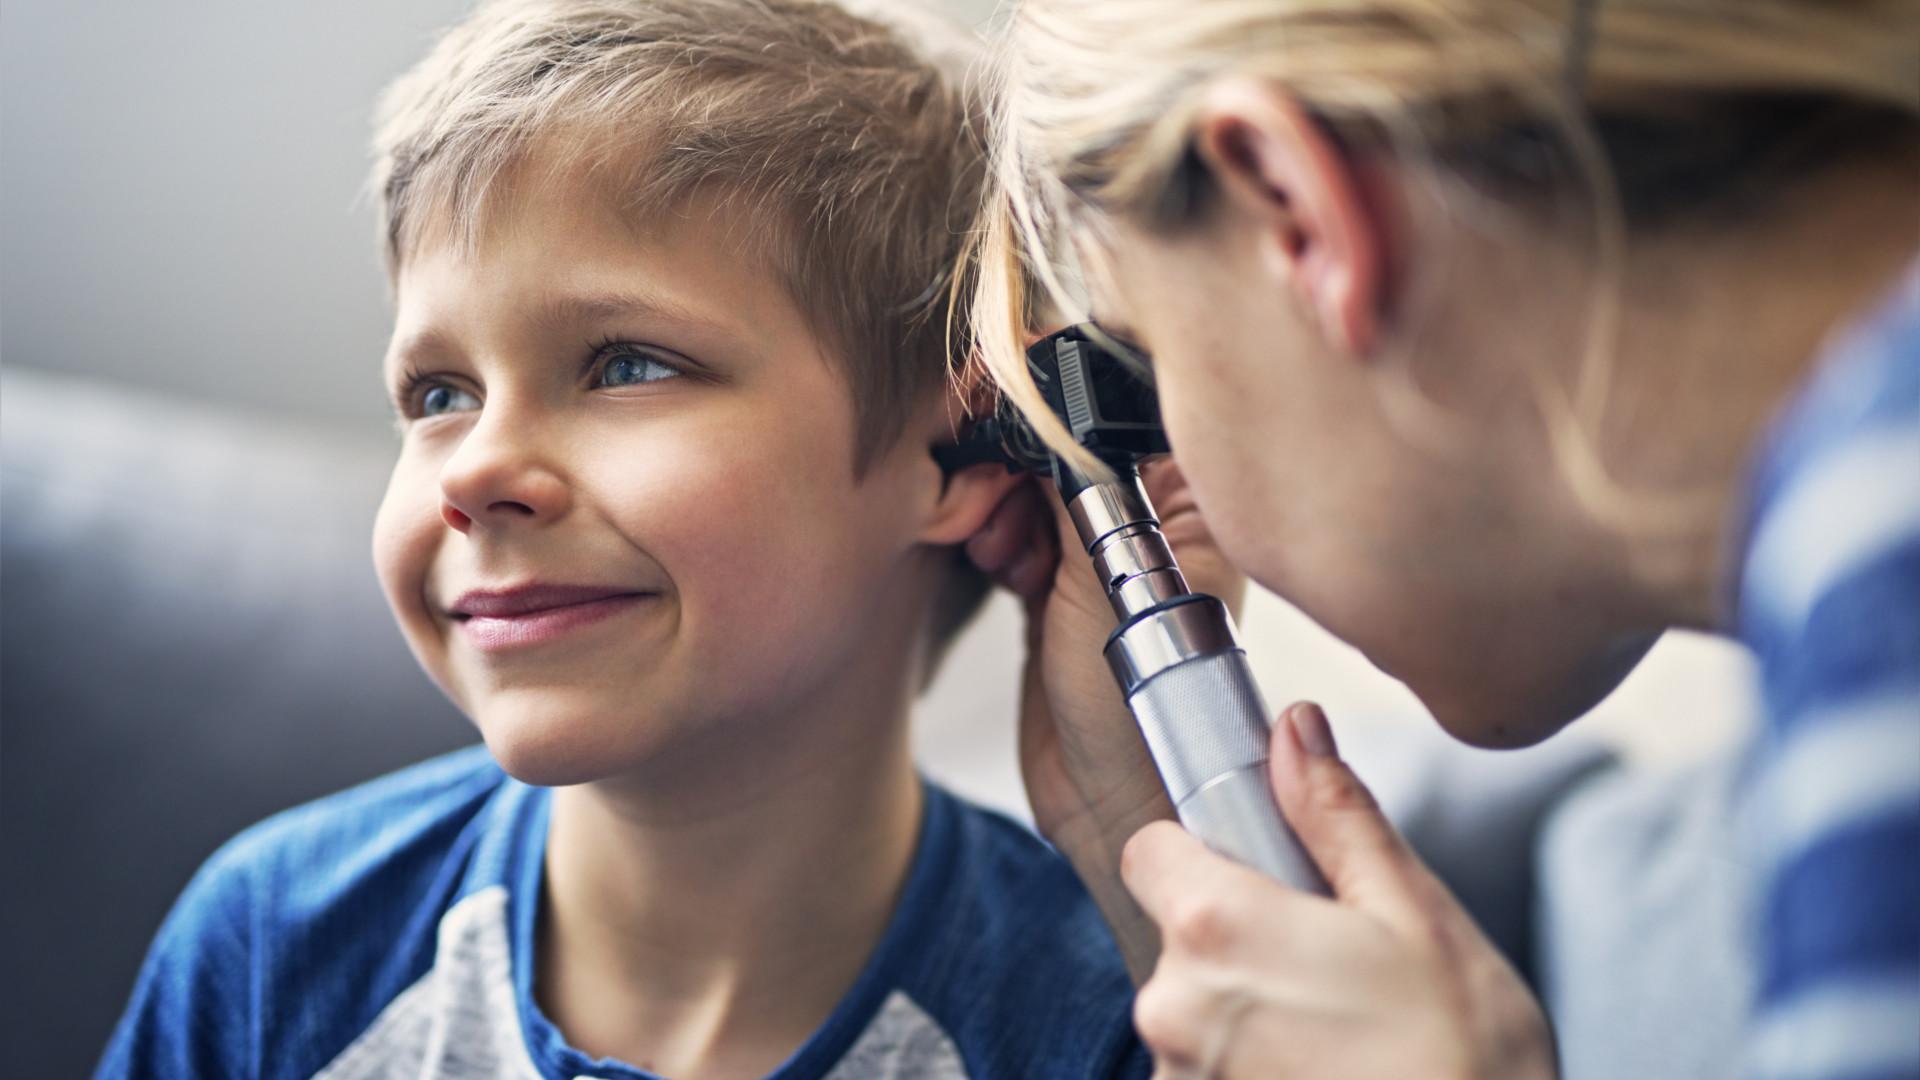 Poluição sonora é um dos motivos porque deve ser visto por um otorrino